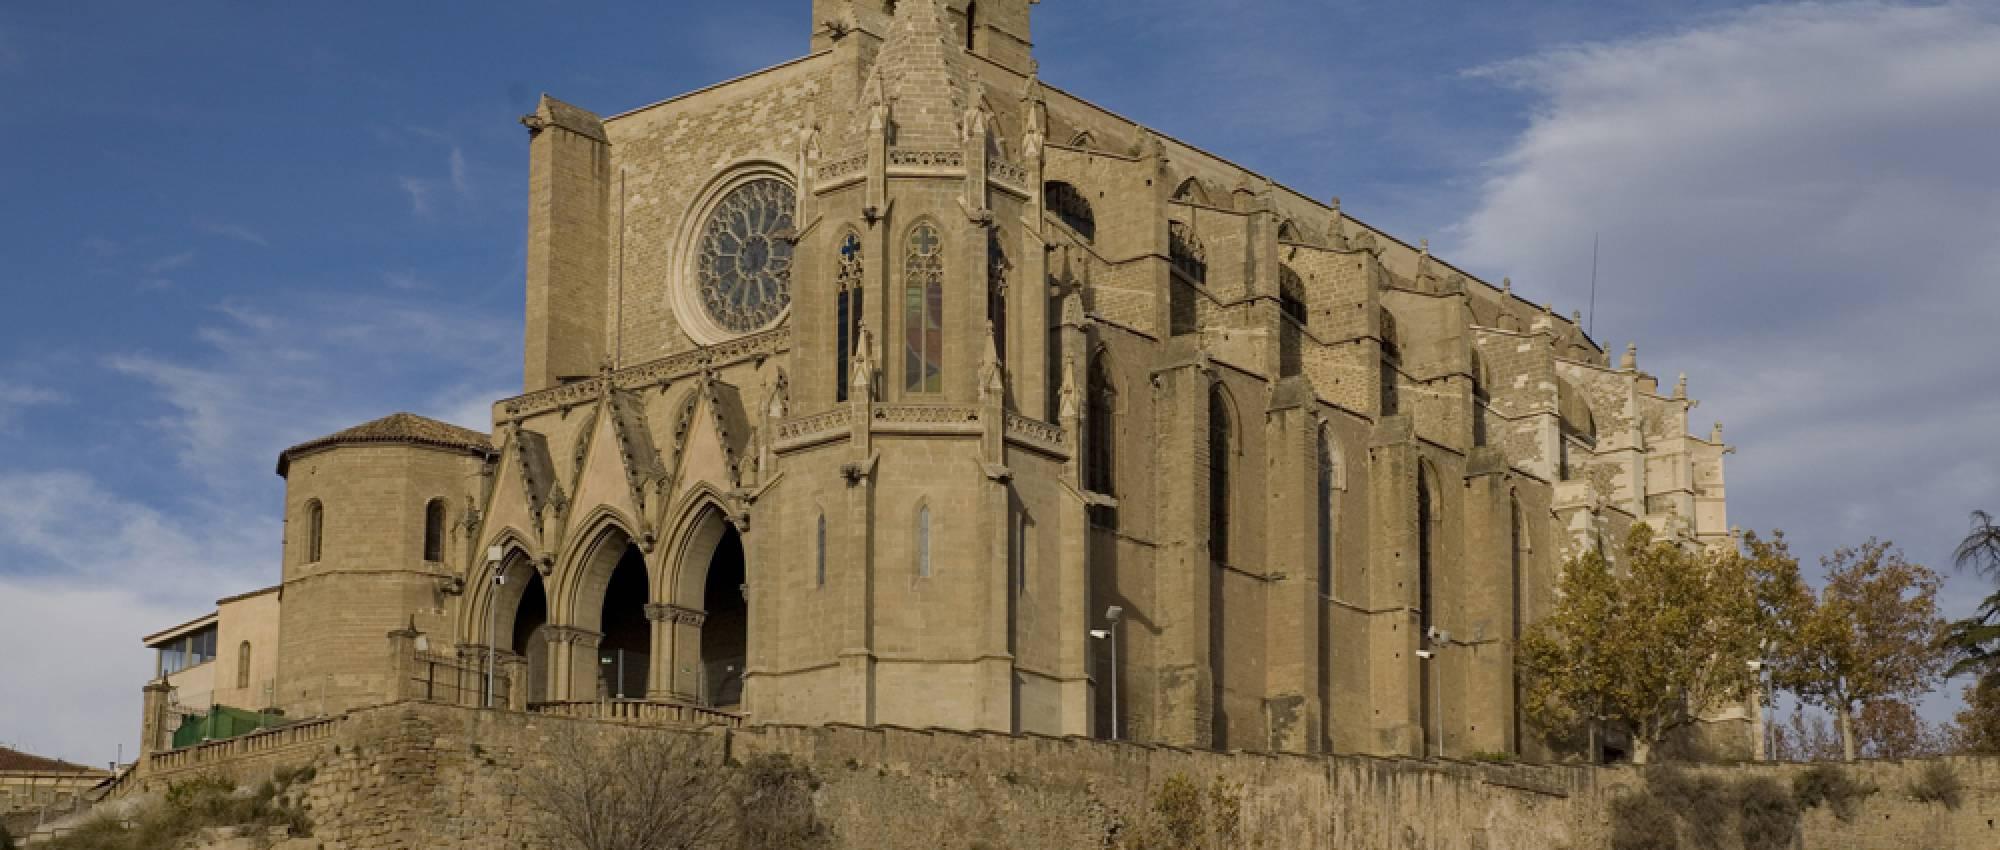 Vista general de la Col·legiata Basílica de Santa Maria de Manresa. PMRMaeyaert / Wikimedia Commons. CC BY-SA 3.0 ES